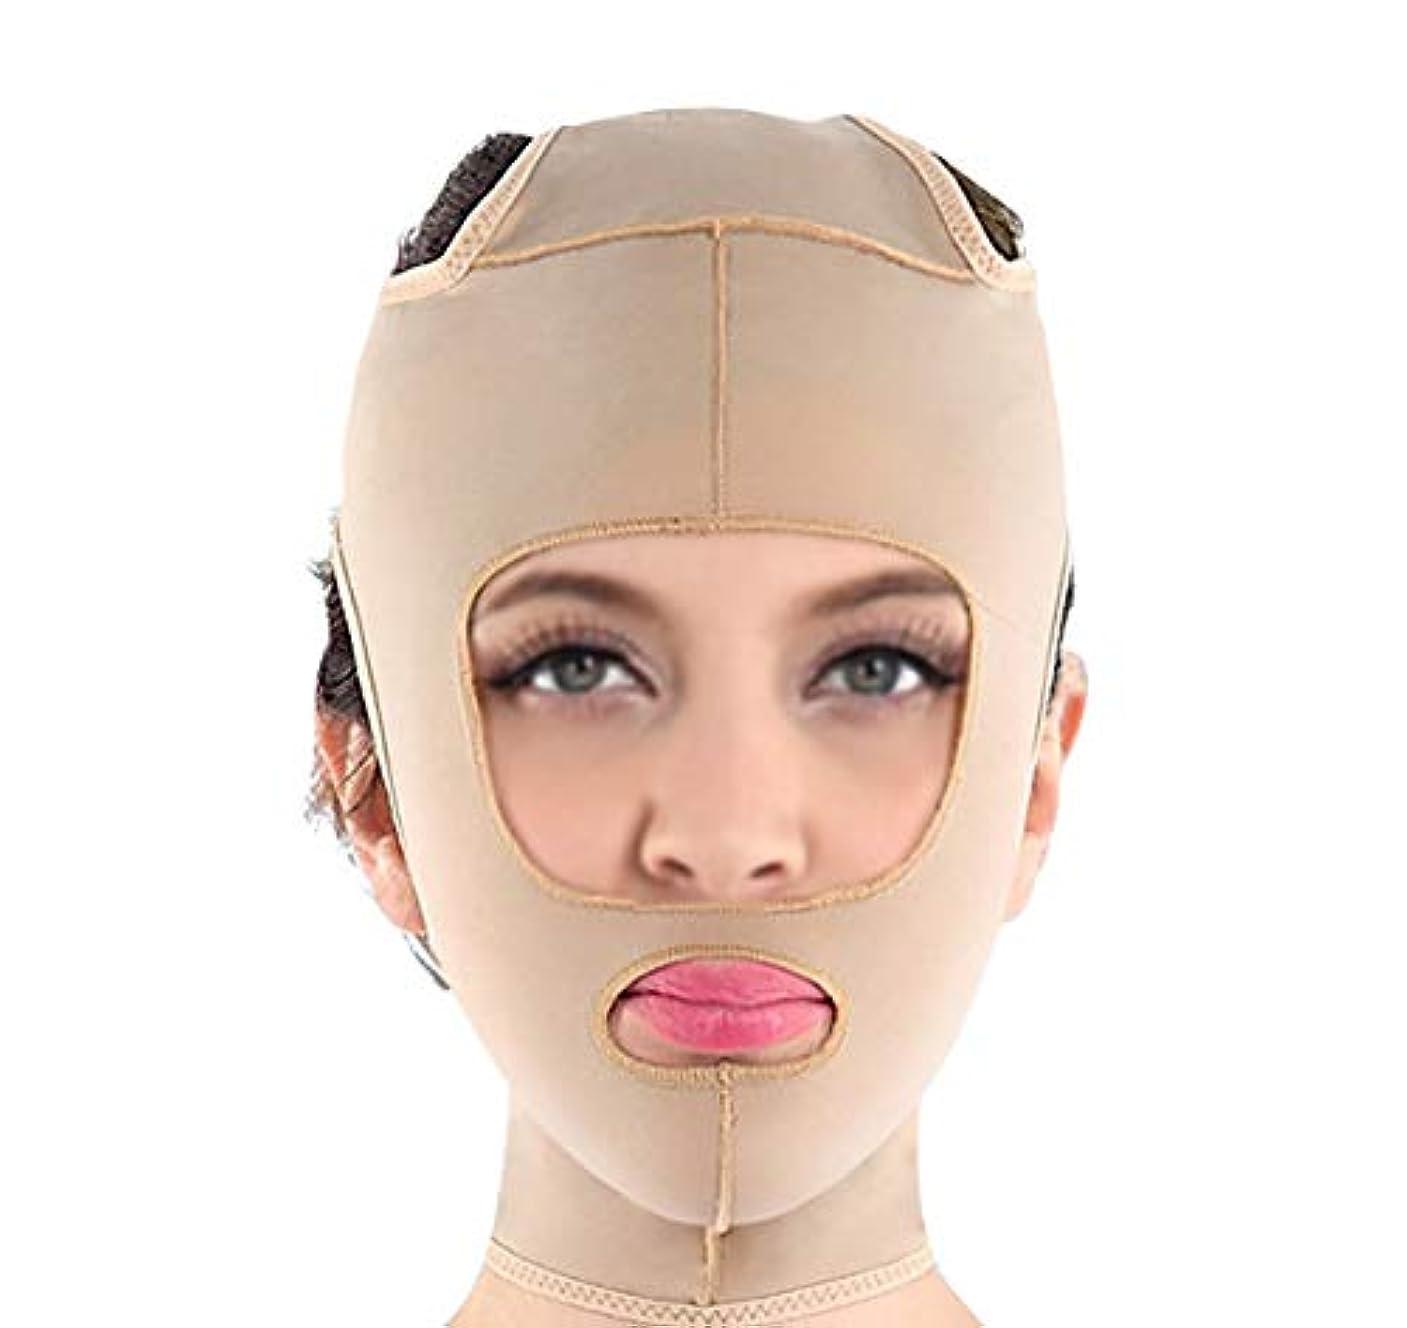 病院白内障ラダ包帯vフェイス楽器フェイスマスクマジックフェイスフェイシャルファーミングフェイシャルマッサージフェイシャルリンクルリフティング引き締めプラスチックマスク (Size : S)